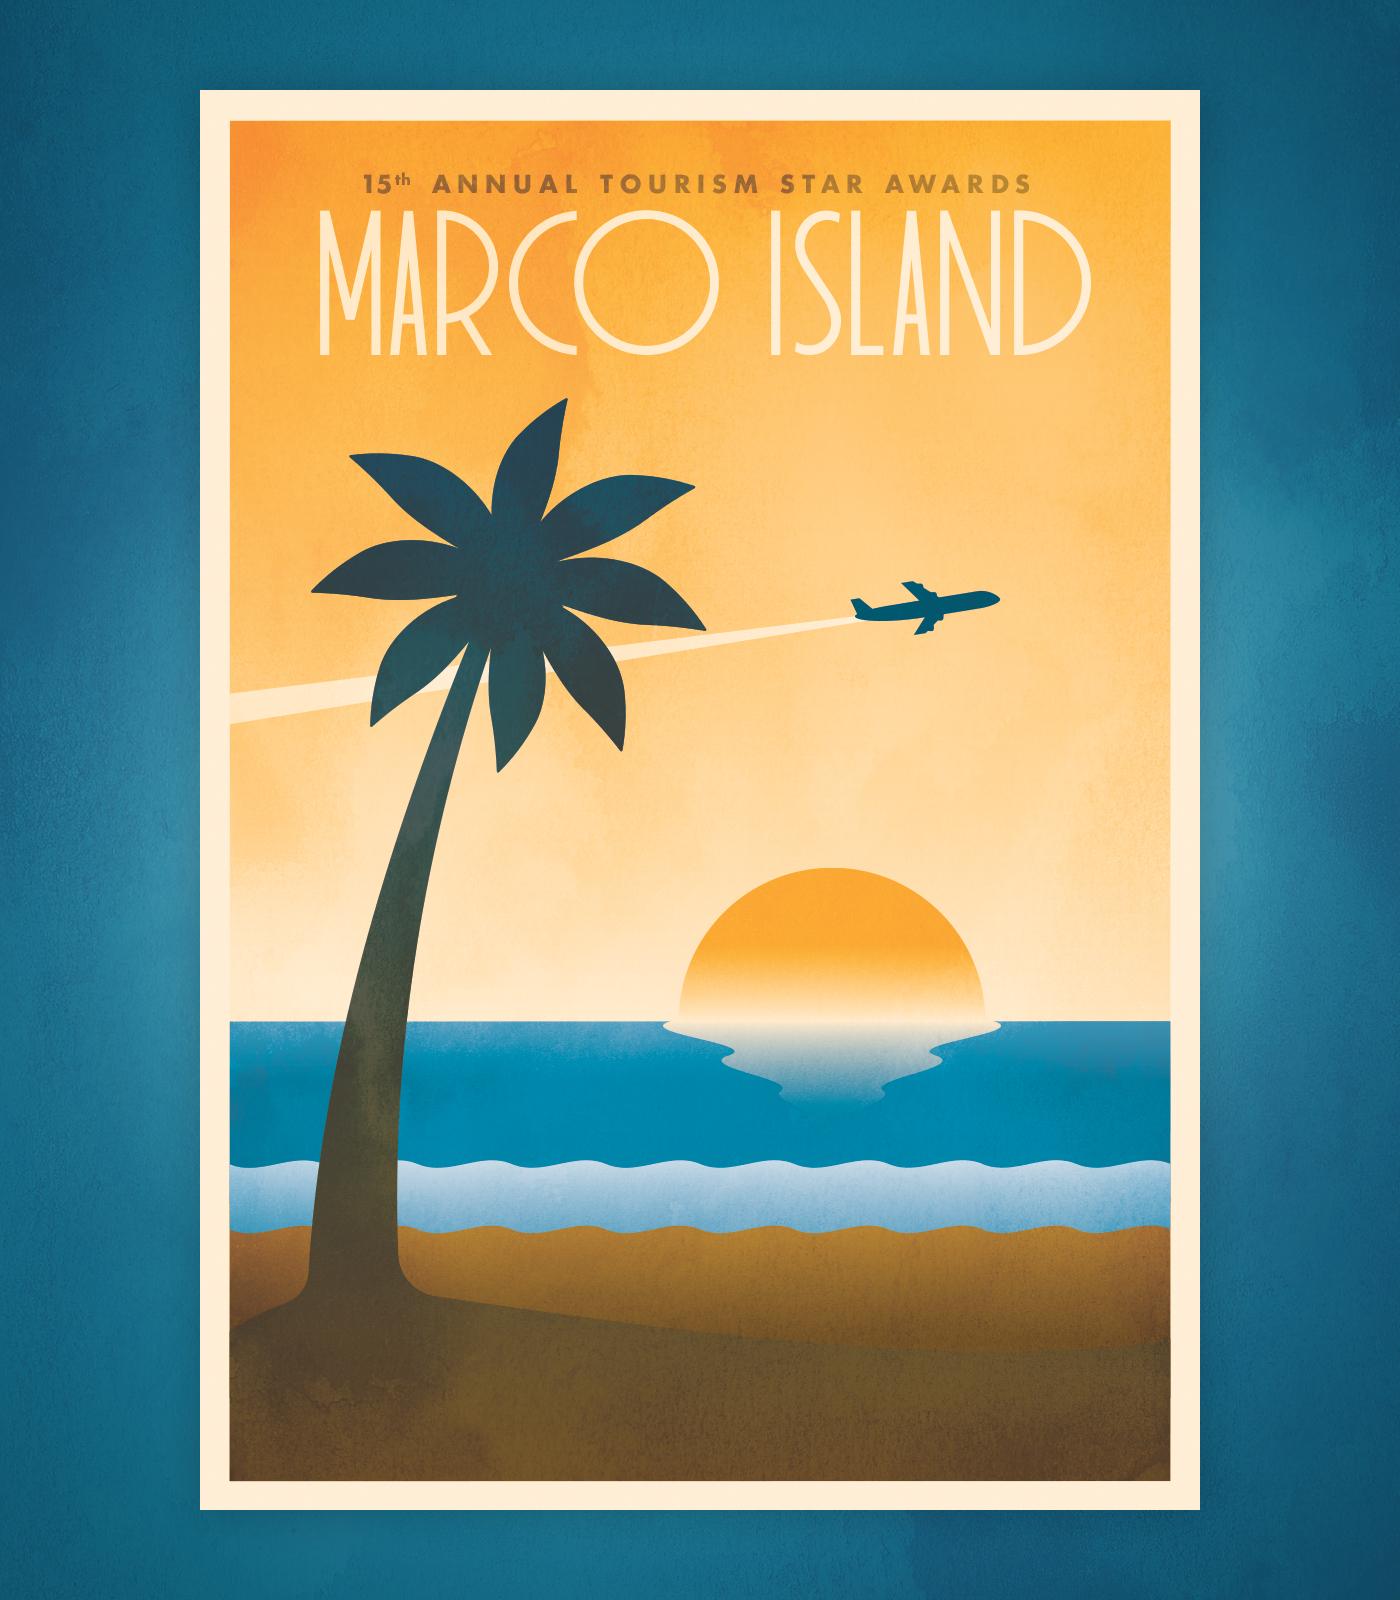 03-Marco Island.jpg